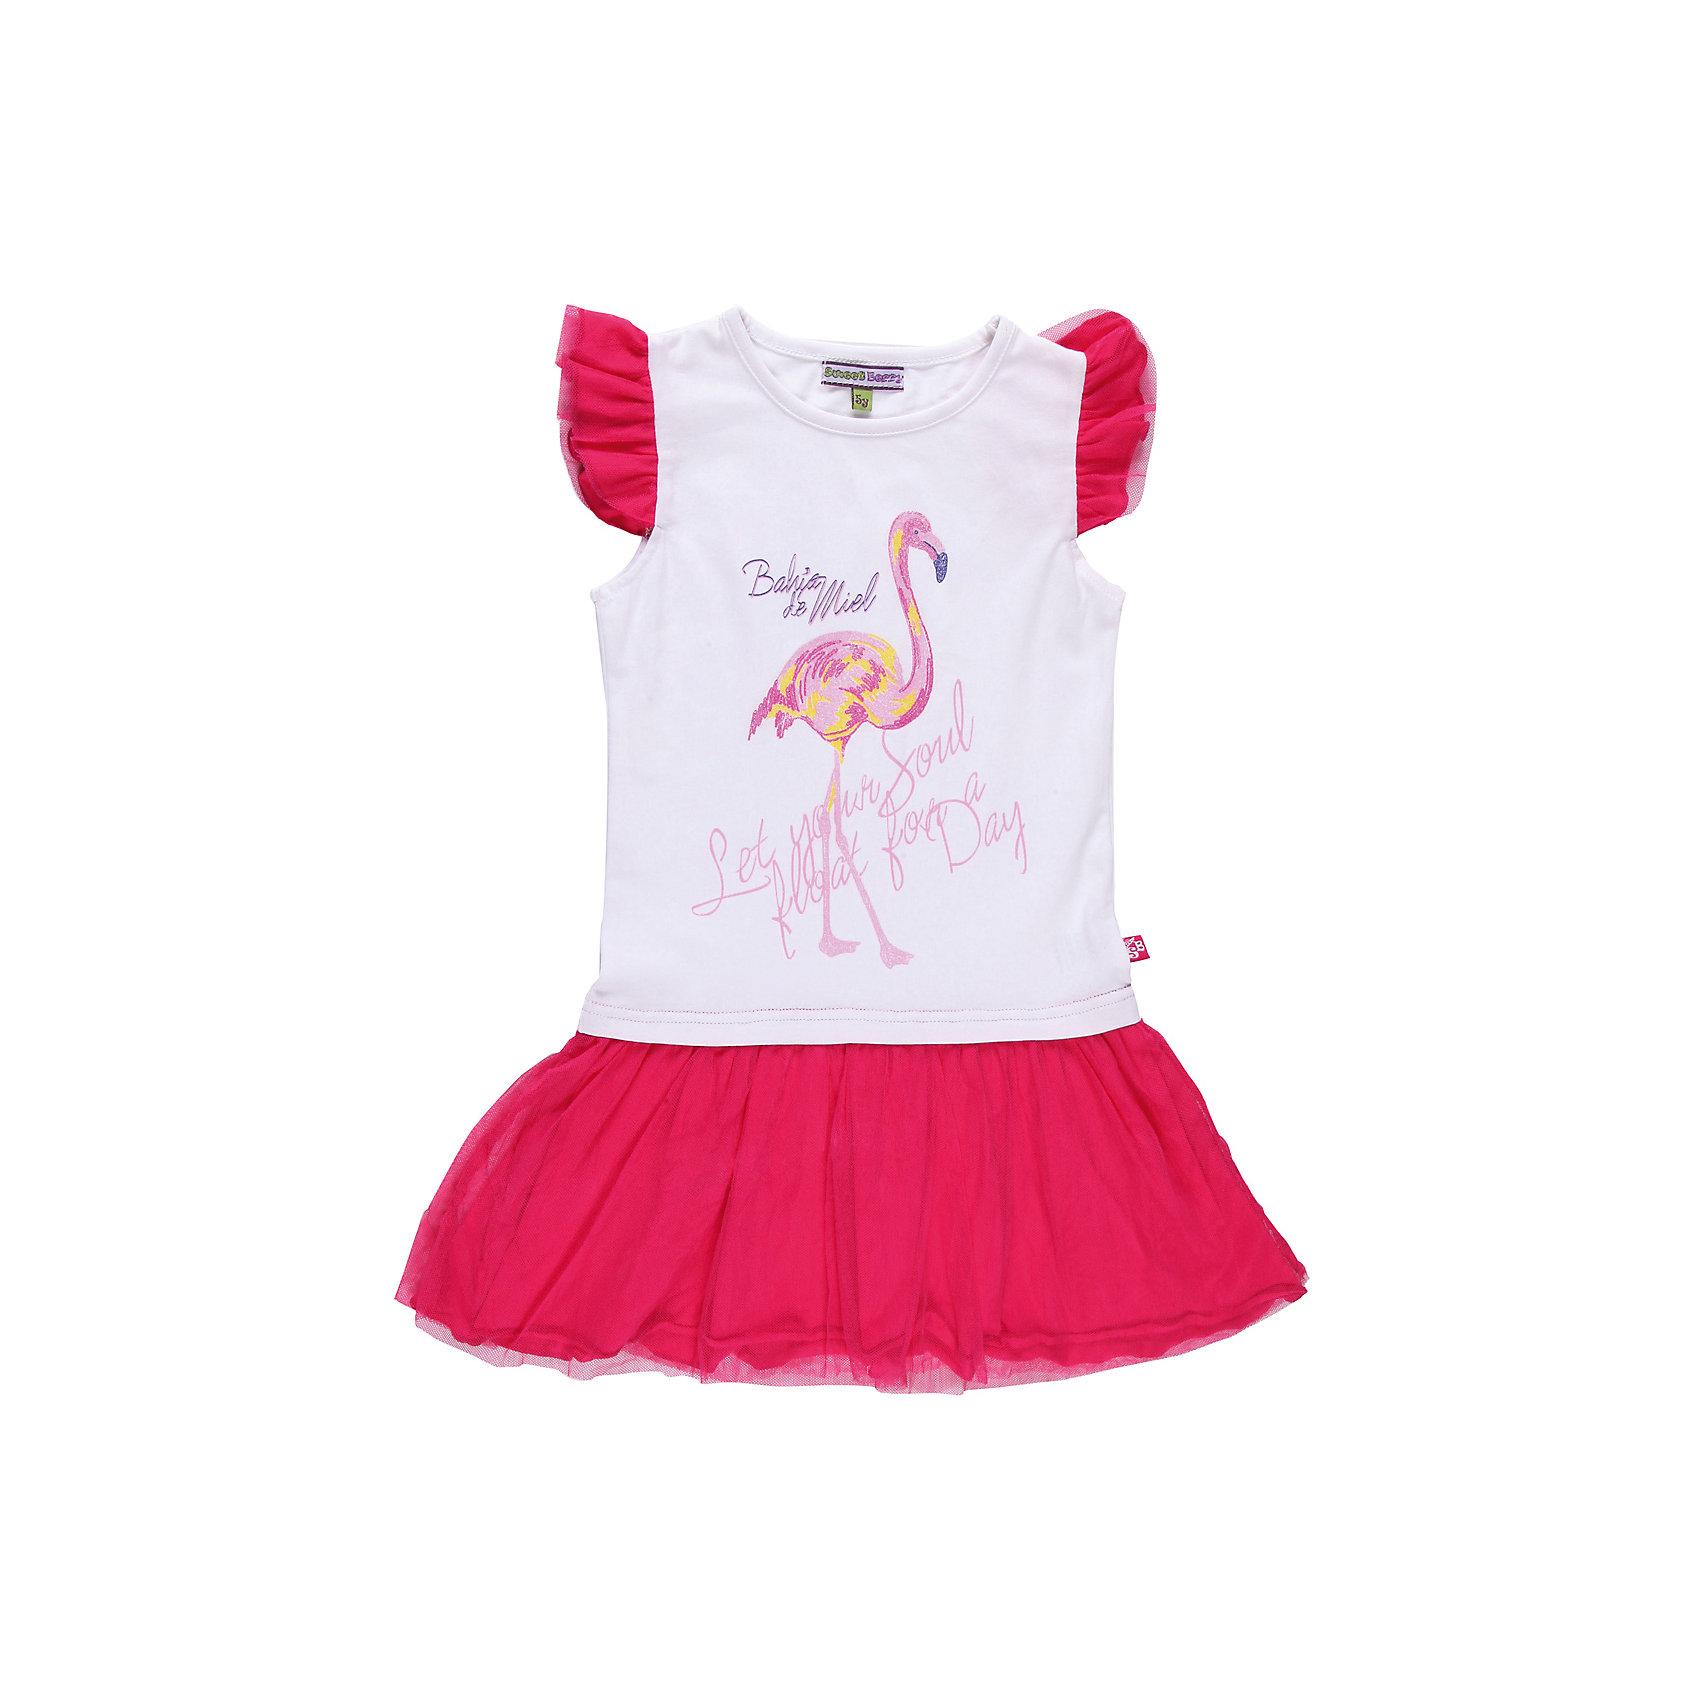 Платье для девочки Sweet BerryПлатья и сарафаны<br>Романтичное платье  из эластичного трикотажа  с элементами из сетки. Декорировано принтом с глитером.<br>Состав:<br>95% хлопок, 5% эластан<br><br>Ширина мм: 236<br>Глубина мм: 16<br>Высота мм: 184<br>Вес г: 177<br>Цвет: бело-розовый<br>Возраст от месяцев: 24<br>Возраст до месяцев: 36<br>Пол: Женский<br>Возраст: Детский<br>Размер: 98,116,110,128,104,122<br>SKU: 4521173